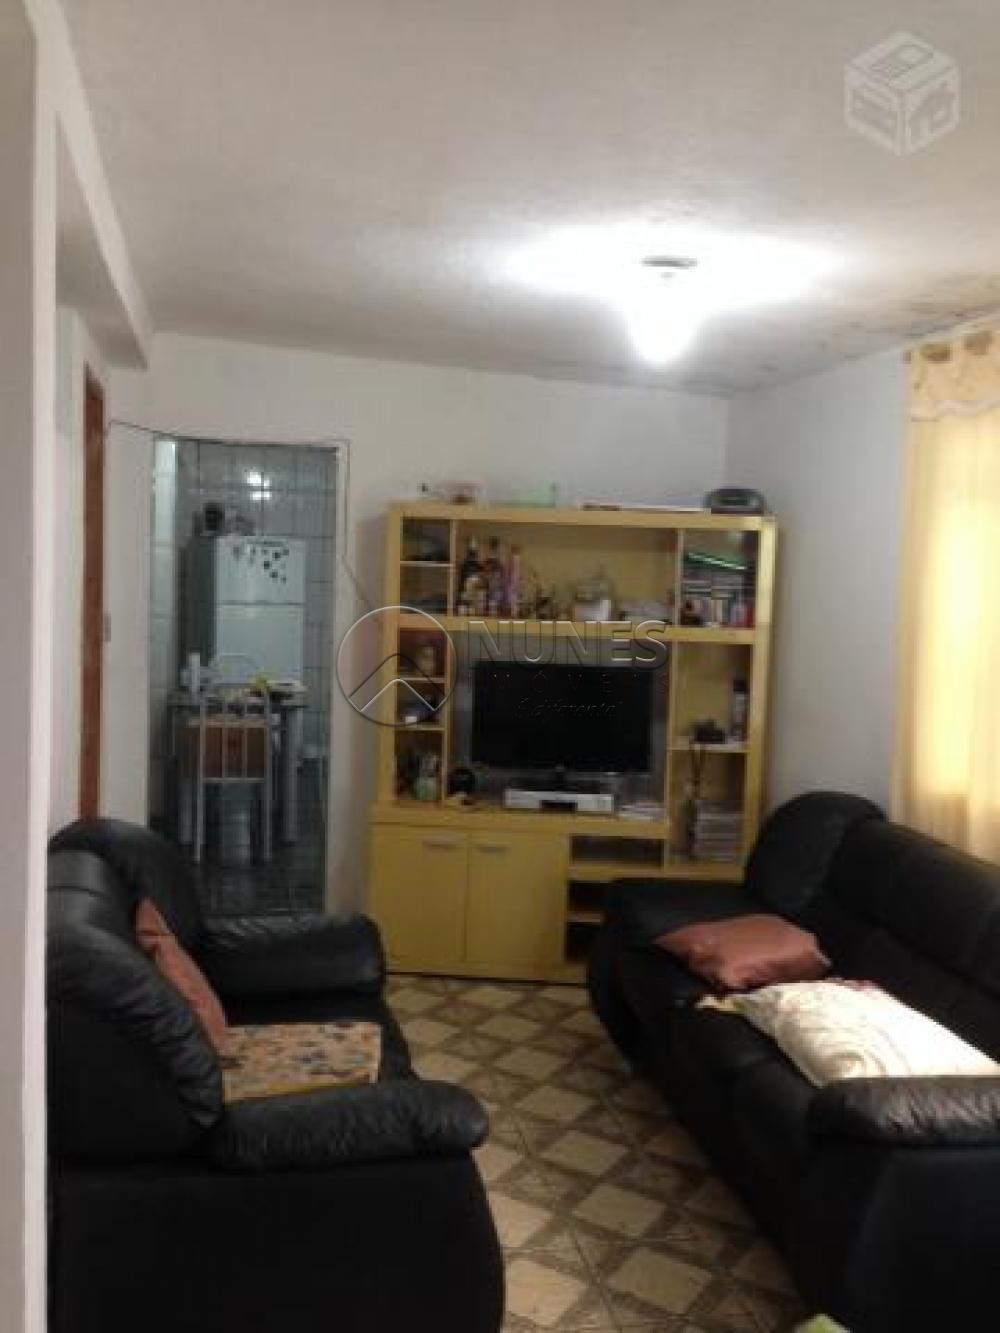 Sobrado de 4 dormitórios à venda em Conjunto Habitacional Presidente Castelo Branco, Carapicuíba - SP